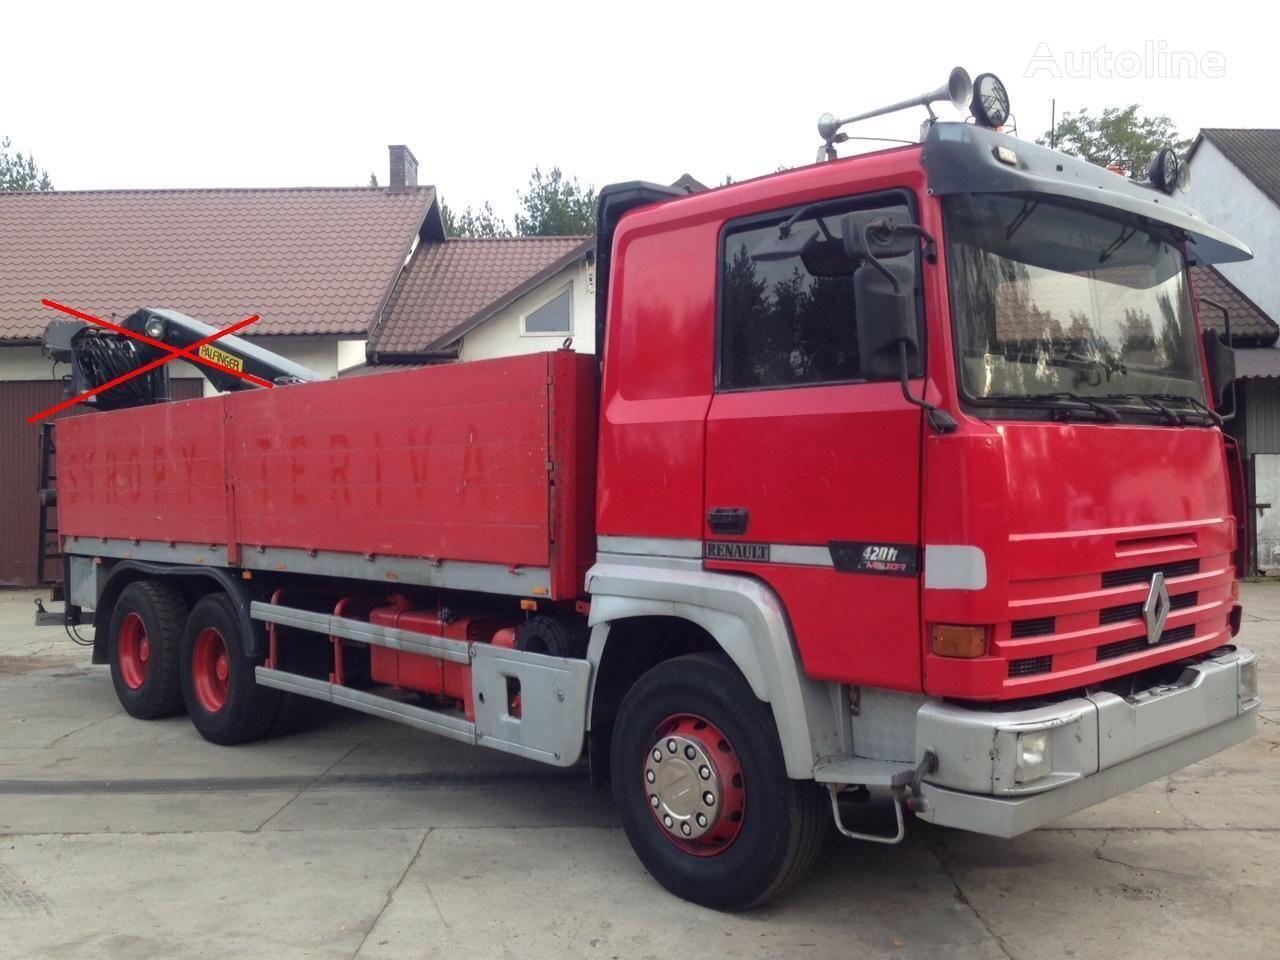 RENAULT Major 420 6x4 2 Cullase Steel/Steel (Magnum/385/390/430) kamion s ravnom platformom